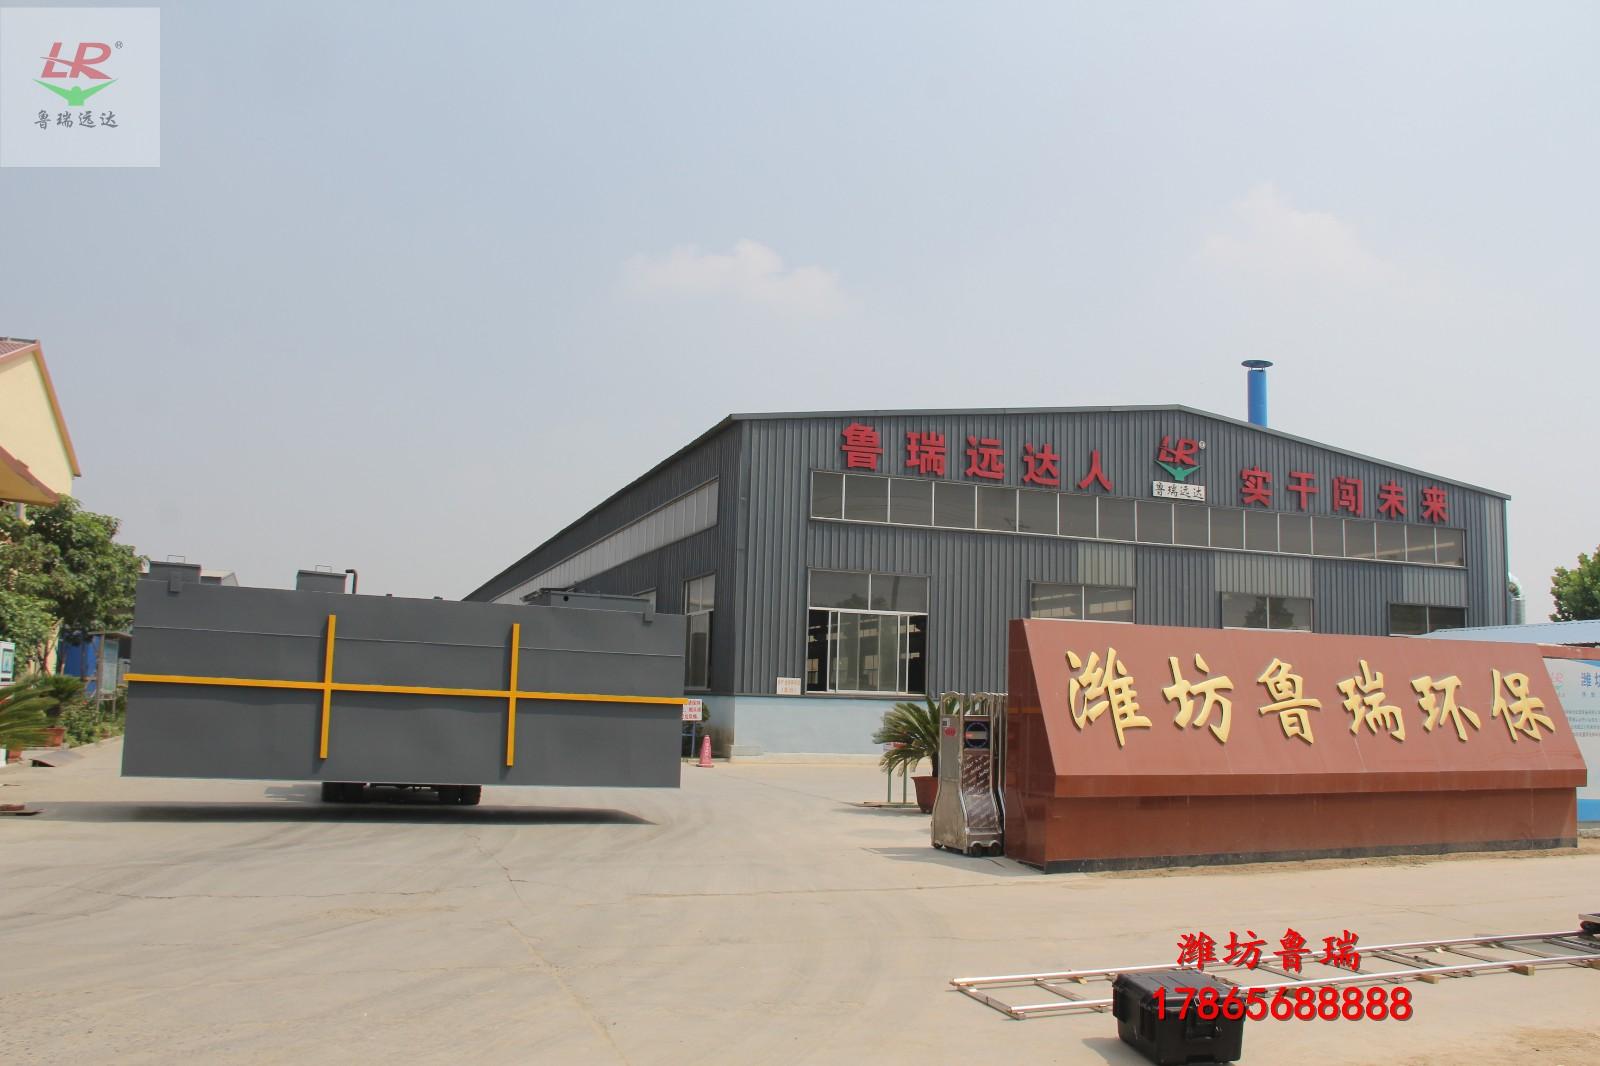 山东潍坊英创卫生院污水处理器设备设计严谨